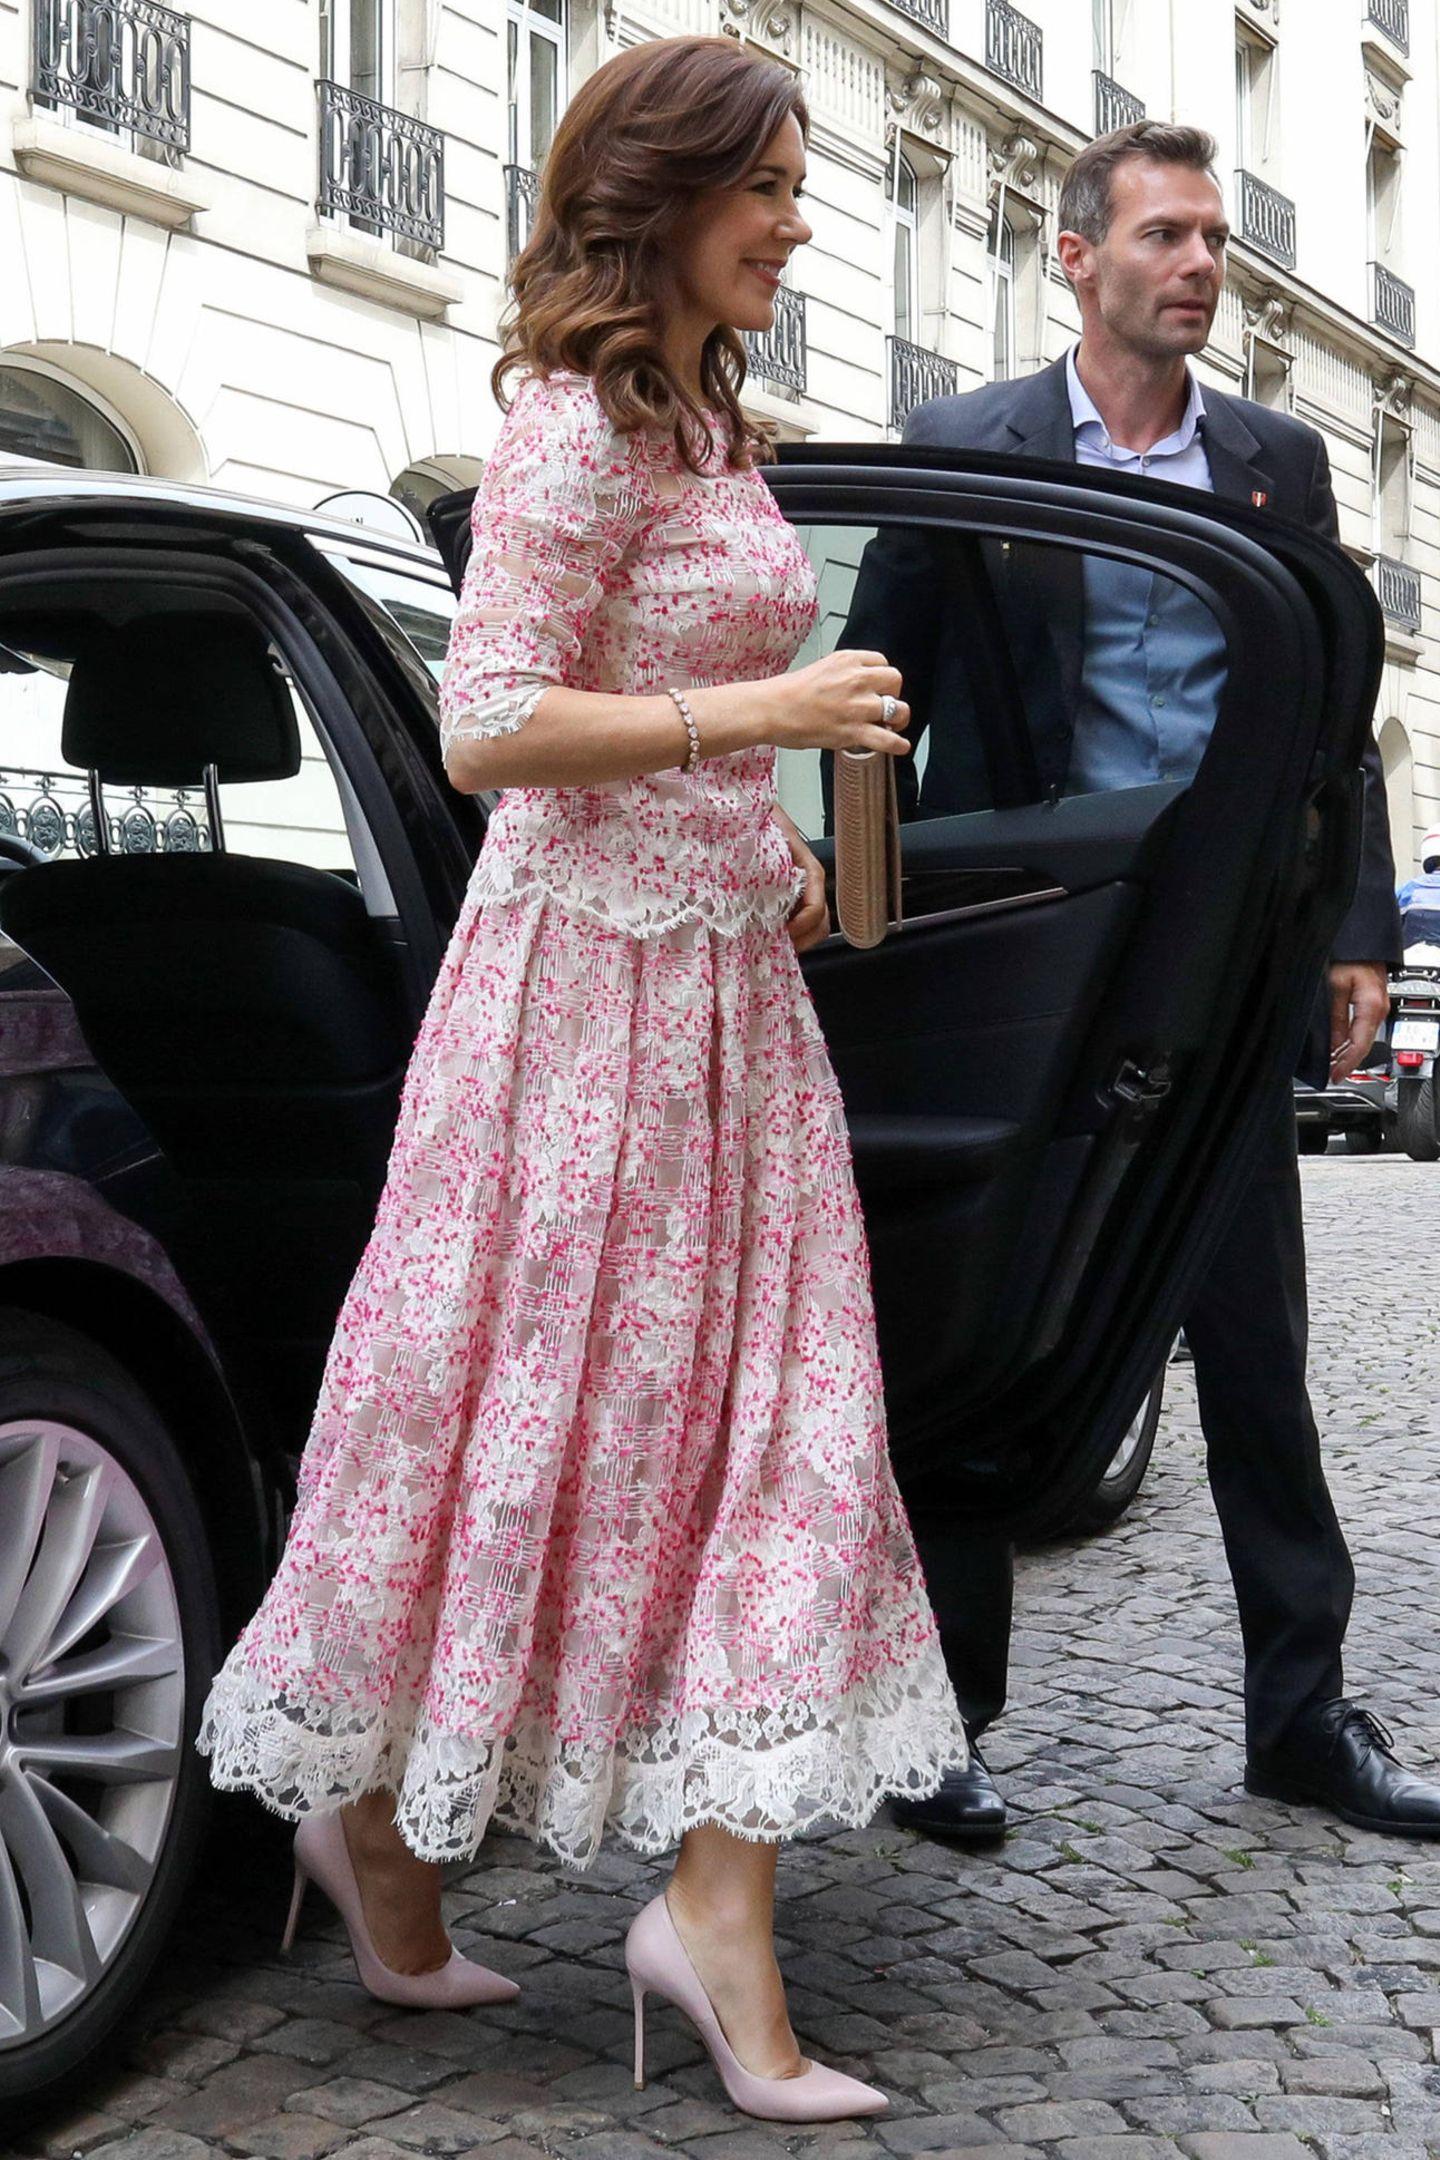 Davor hat die Royal-Ladydie Frederikskirche in Paris besucht und zu diesem Anlass ein rosafarbenes Ensemble gewählt.